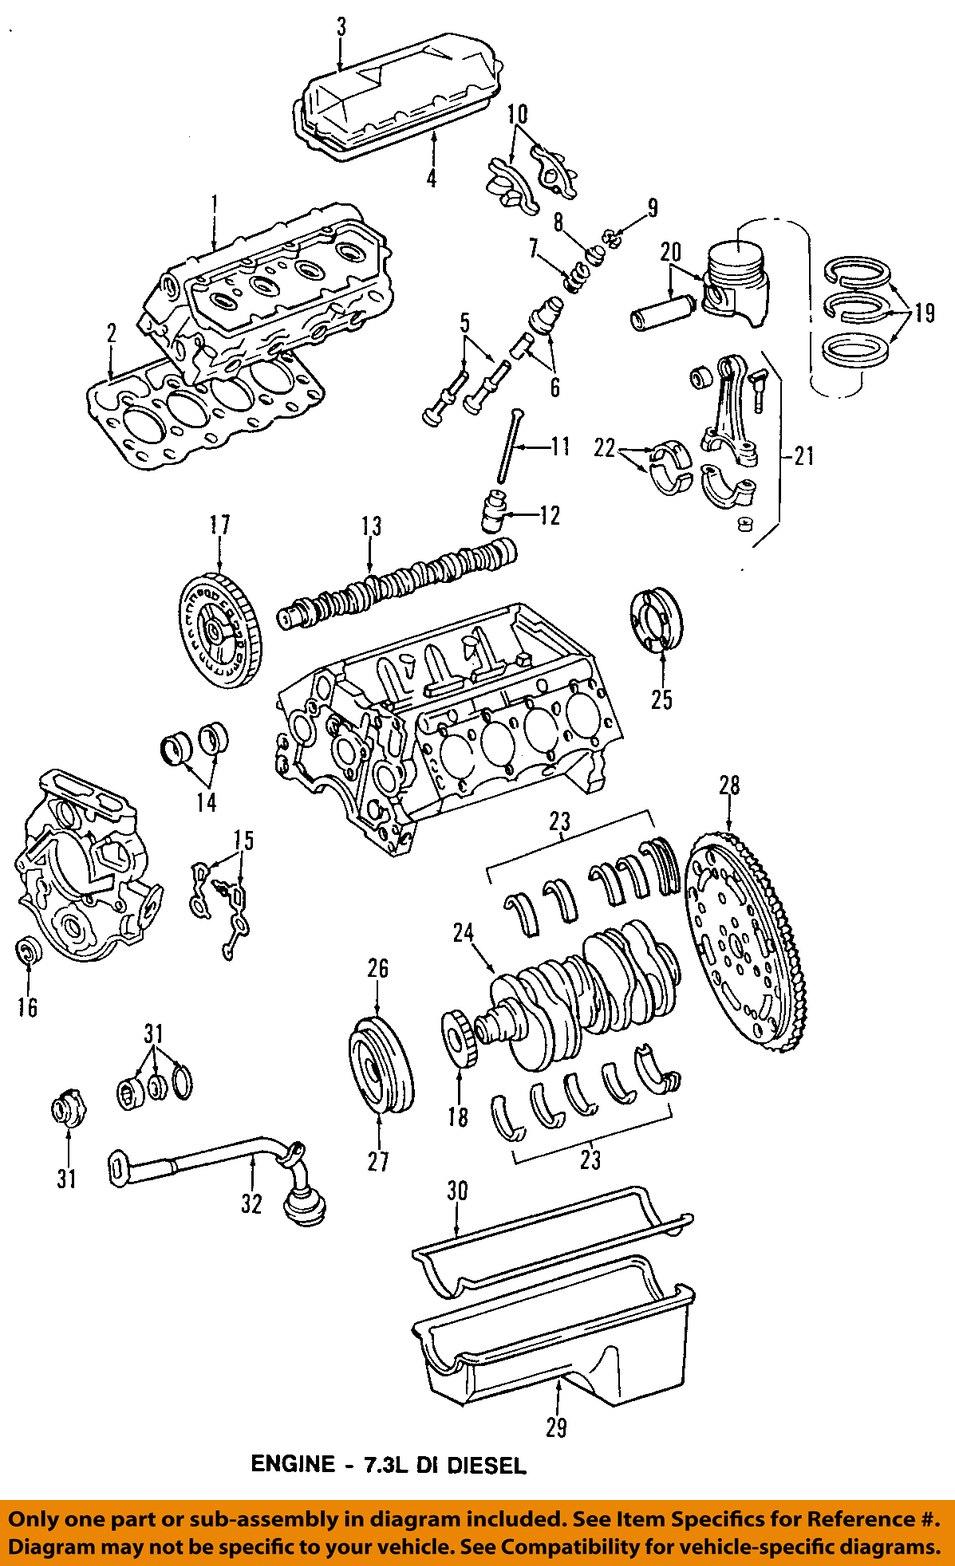 Ford Oem 1995 2003 Super Duty Engine Oil Pump Gasket O Ring Xc3z 1996 7 3 Liter Diesel Diagram High Pressure 95 96 E 350 Econoline Club Wagon Xc3z6619aa